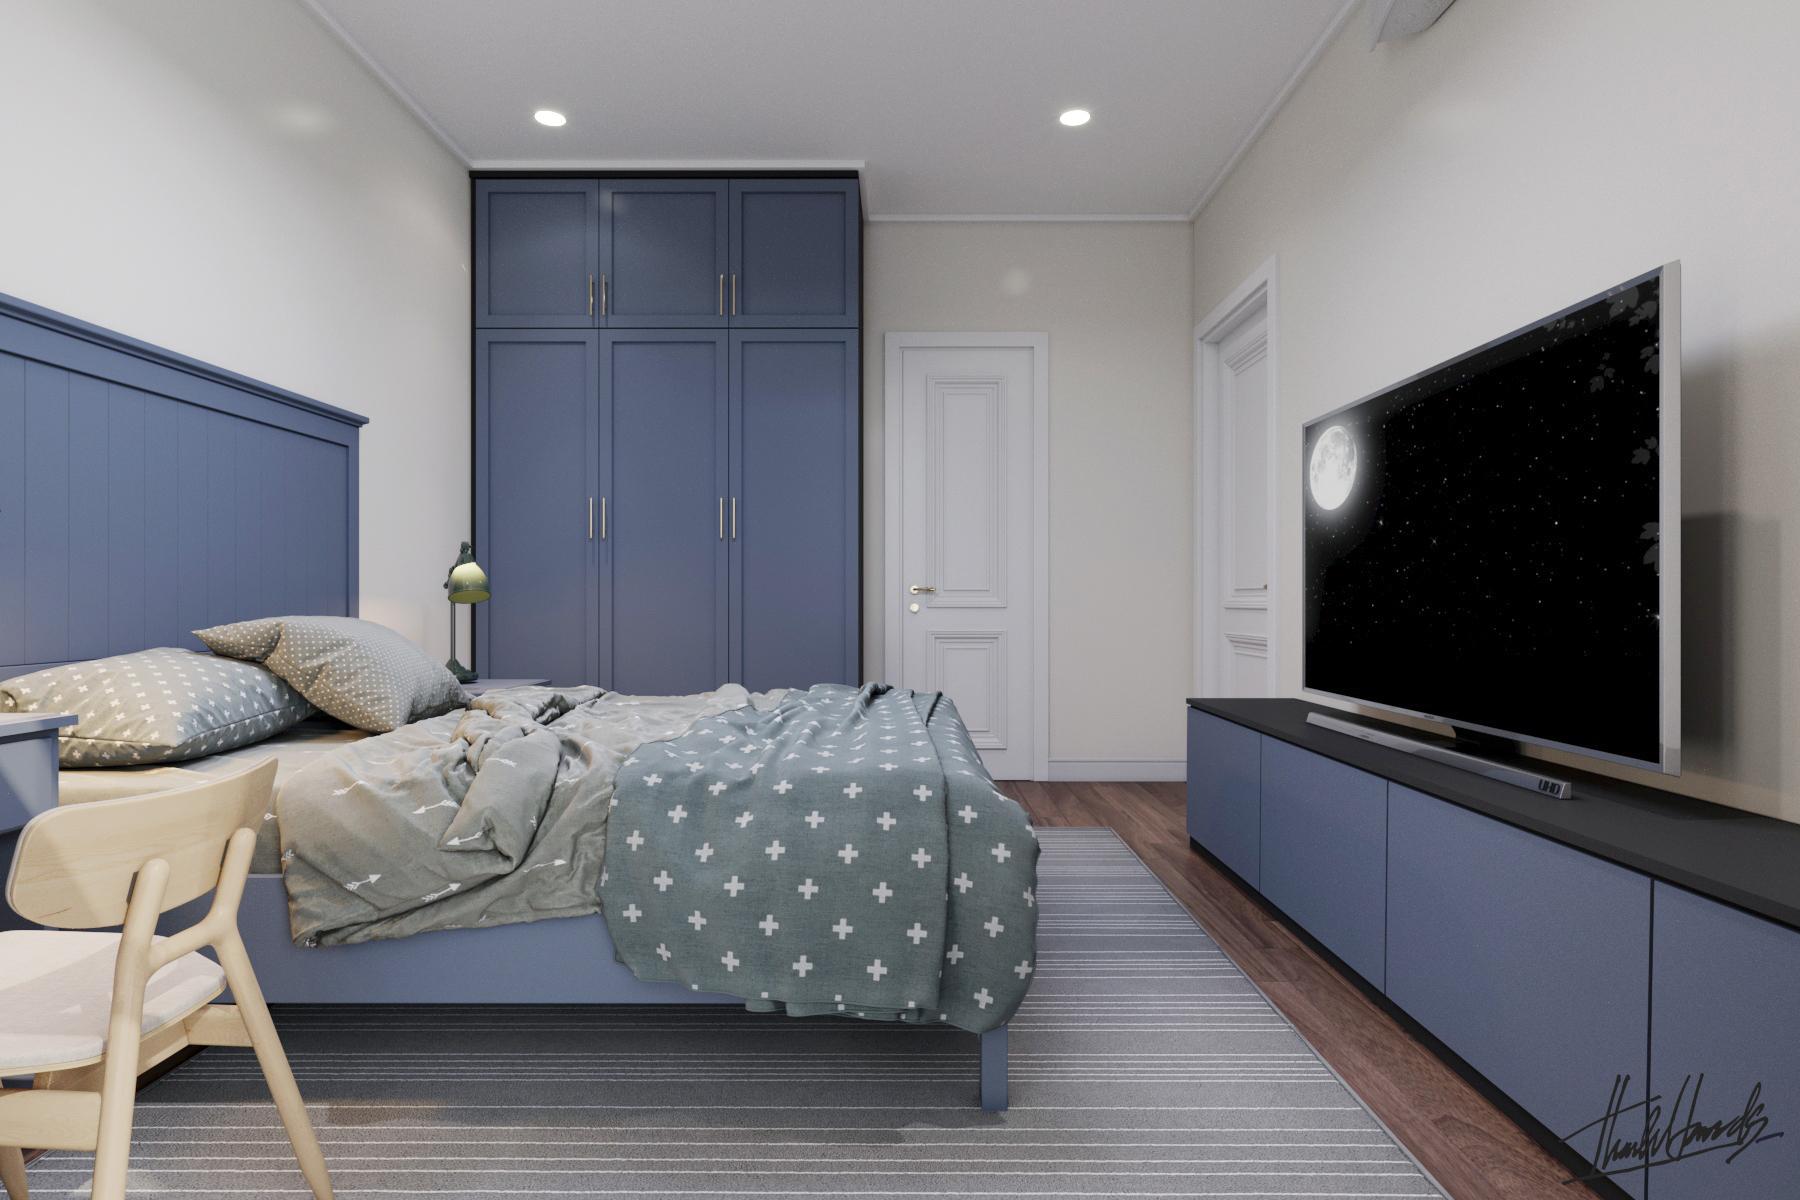 thiết kế nội thất Nhà Mặt Phố tại Hà Nội căn hộ cho thuê . 14 1568087743